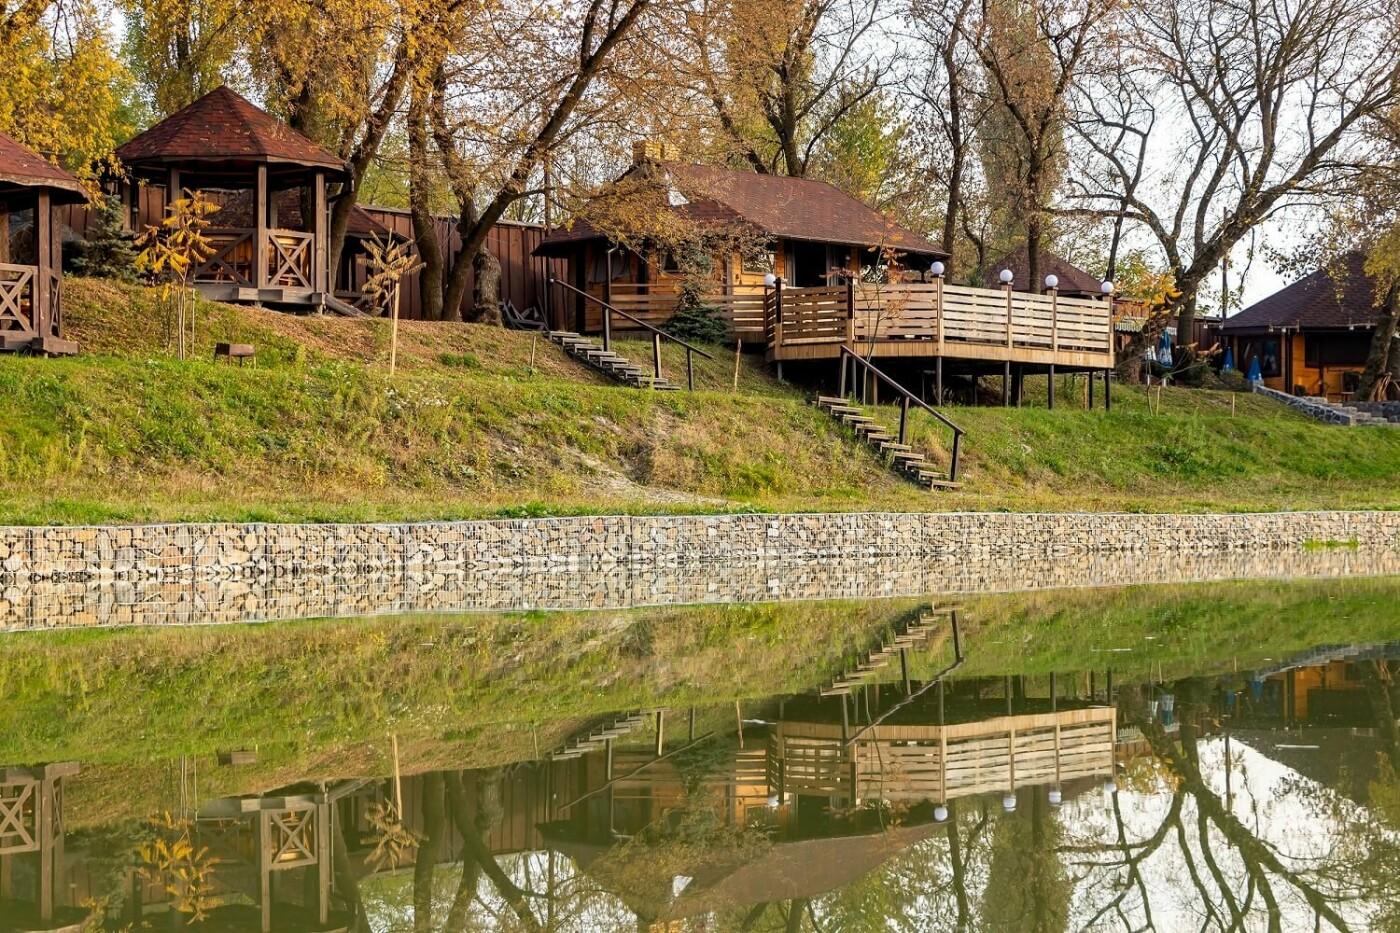 """База відпочинку """"Дача"""" на Львівщині, Фото - """"Дача"""""""